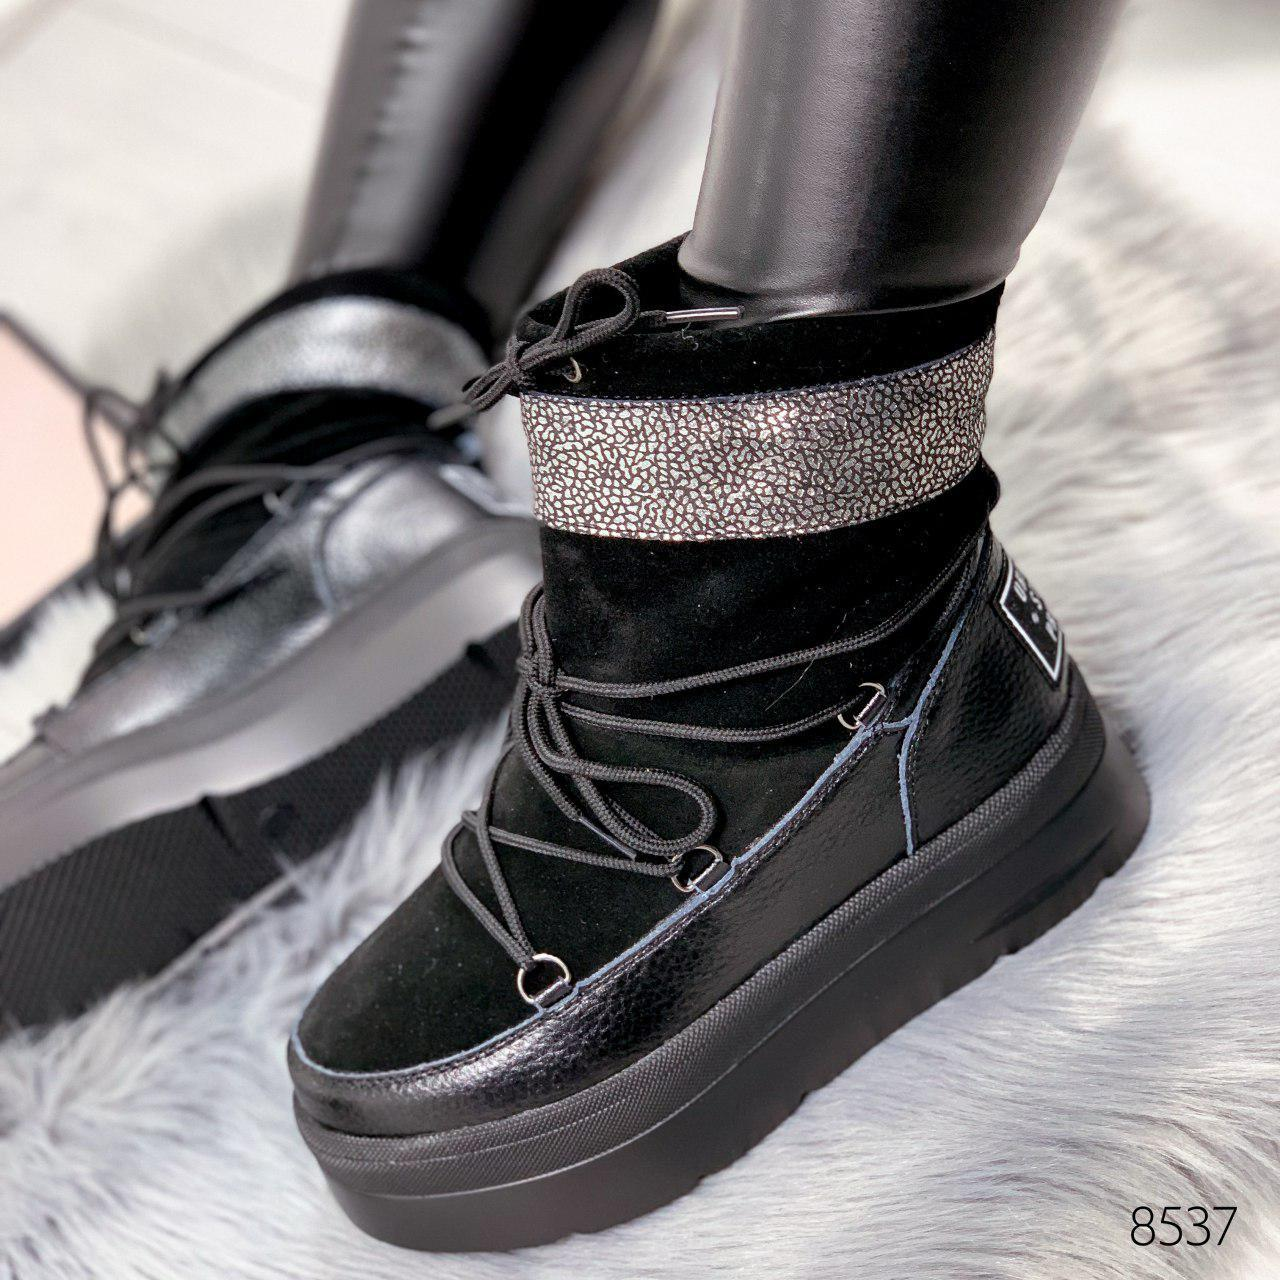 """Луноходы, сапоги зимние в стиле """"Siga"""" черного цвета из НАТУРАЛЬНОЙ ЗАМШИ. Зимние угги. Теплая обувь"""